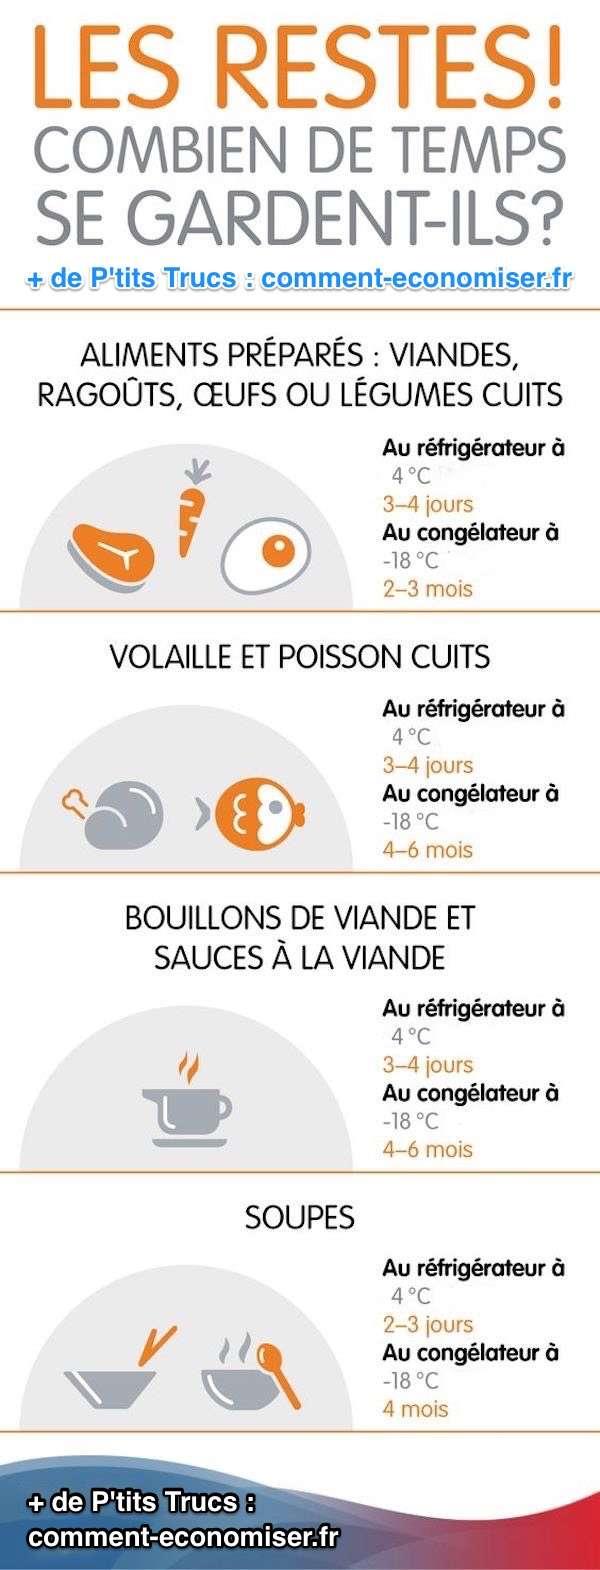 le guide pour savoir combien de temps et comment conserver les restes aliments